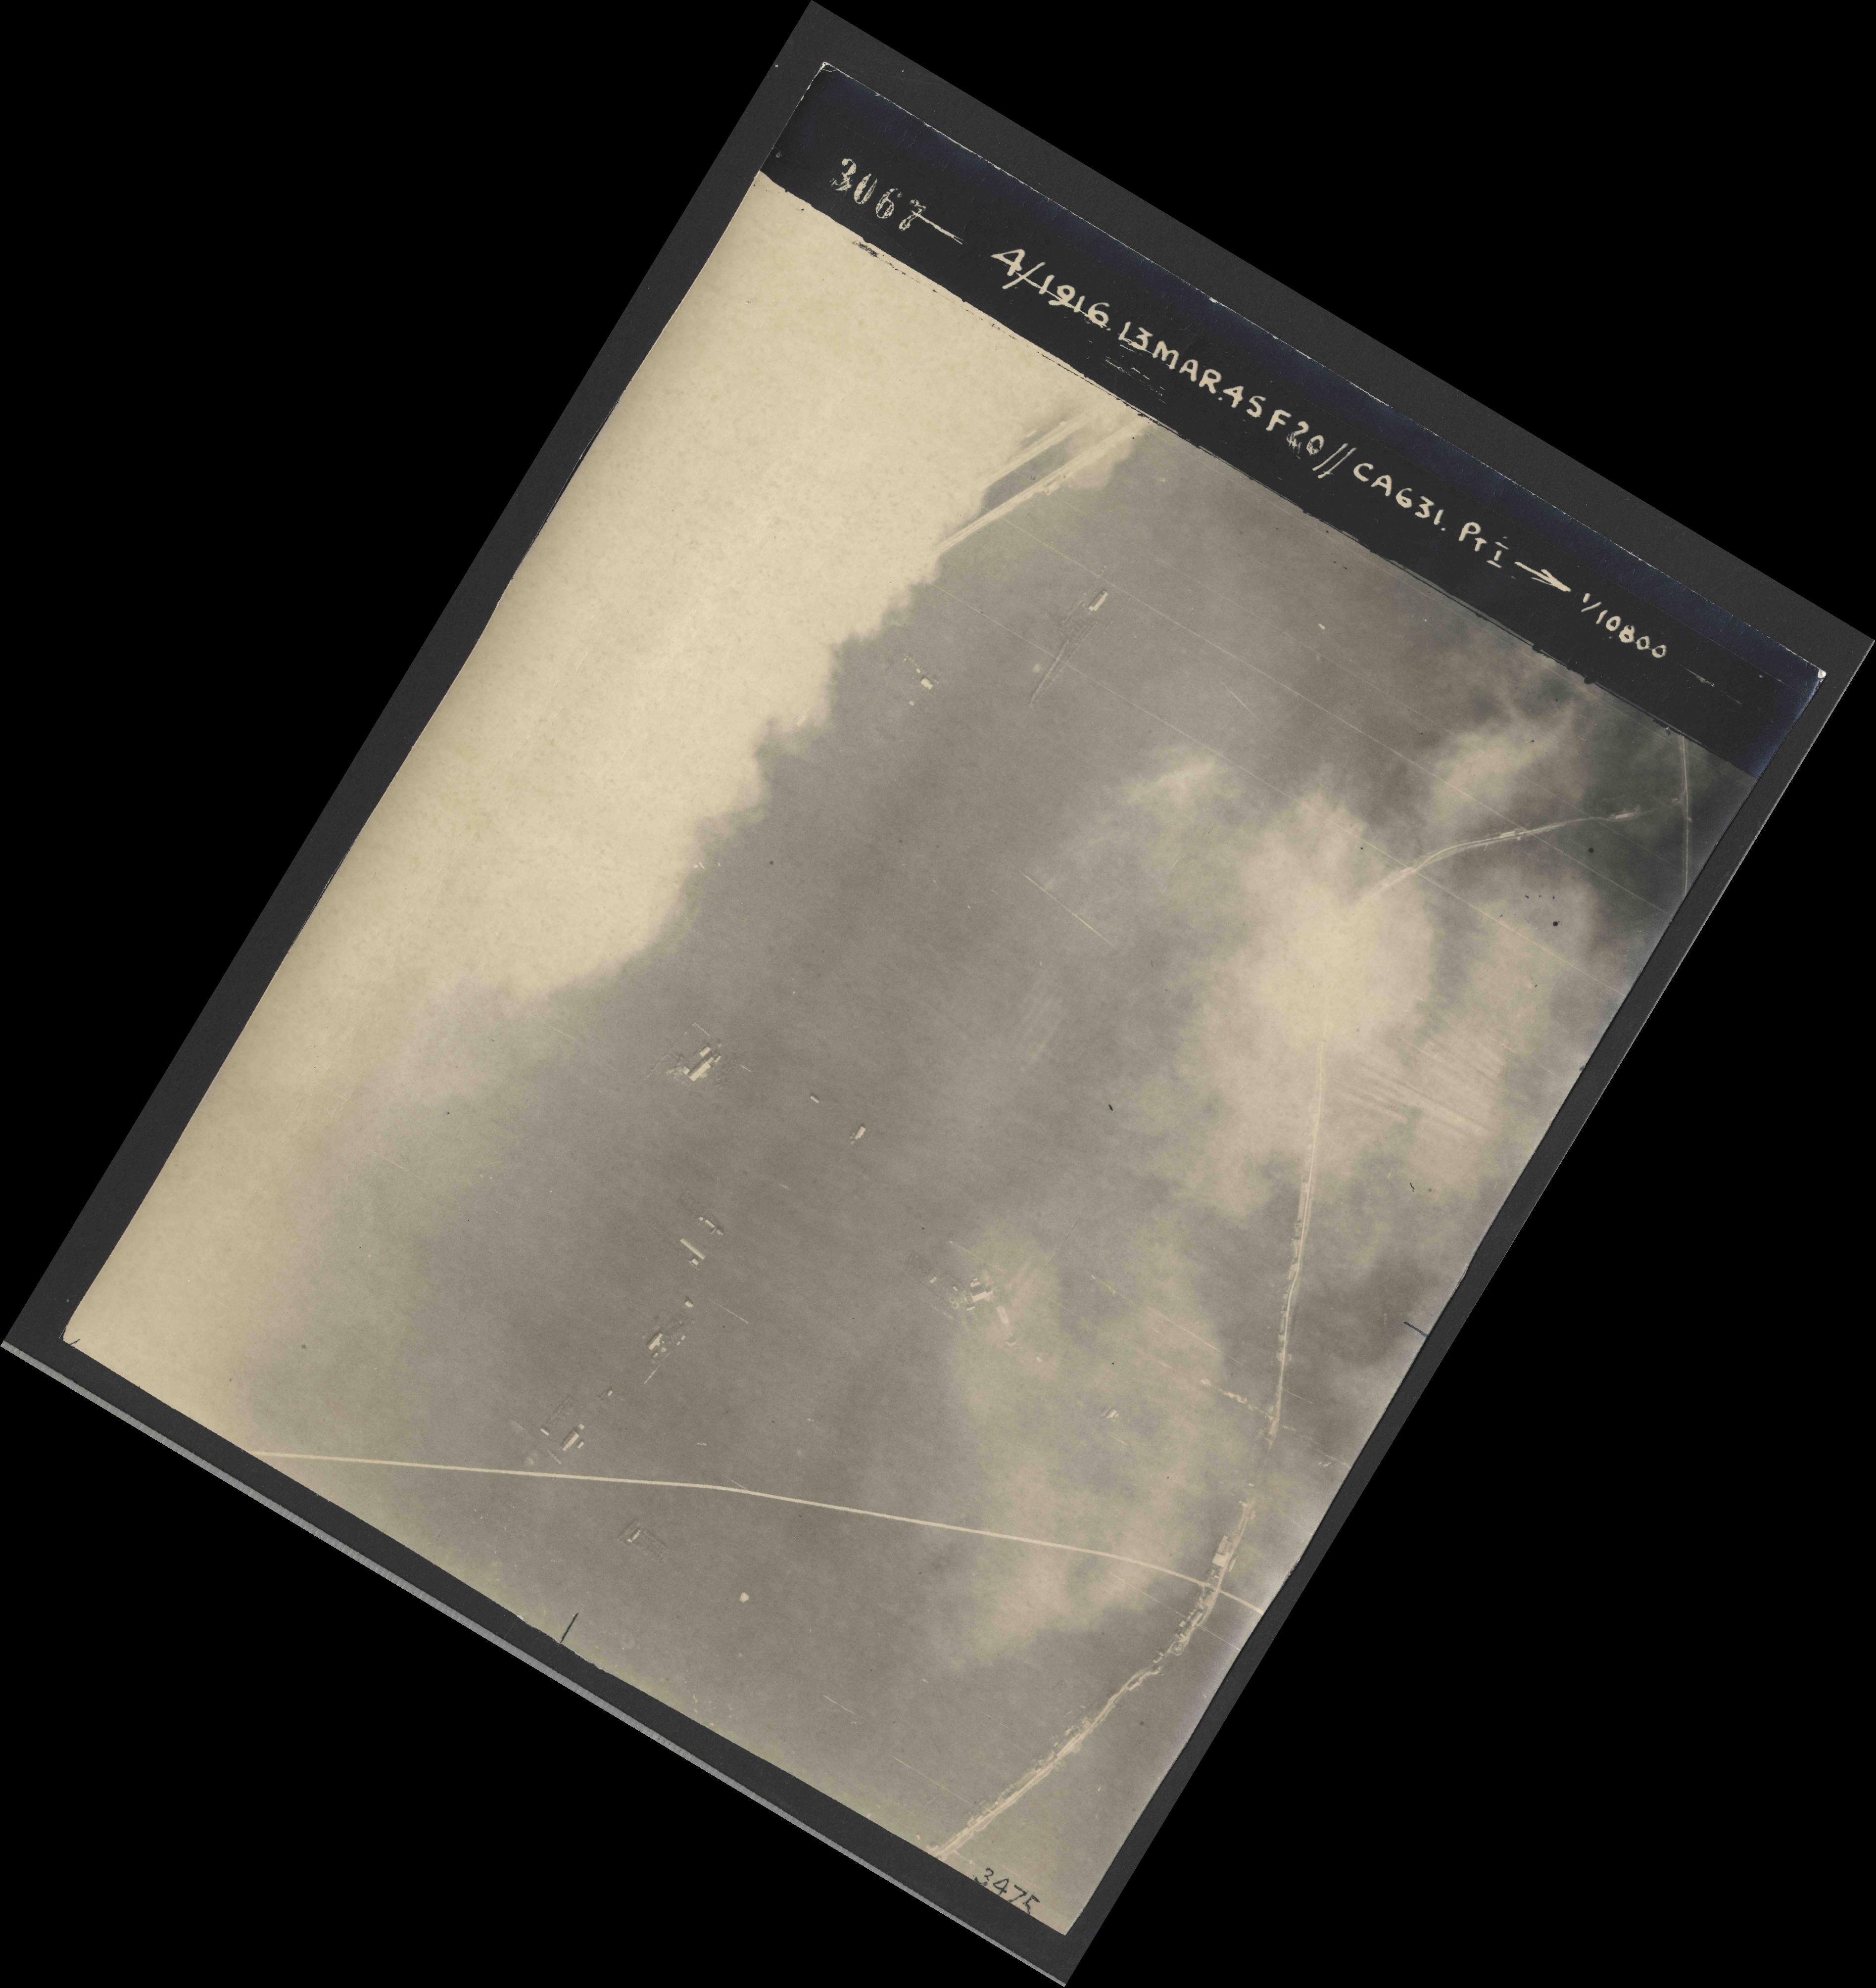 Collection RAF aerial photos 1940-1945 - flight 085, run 01, photo 3067